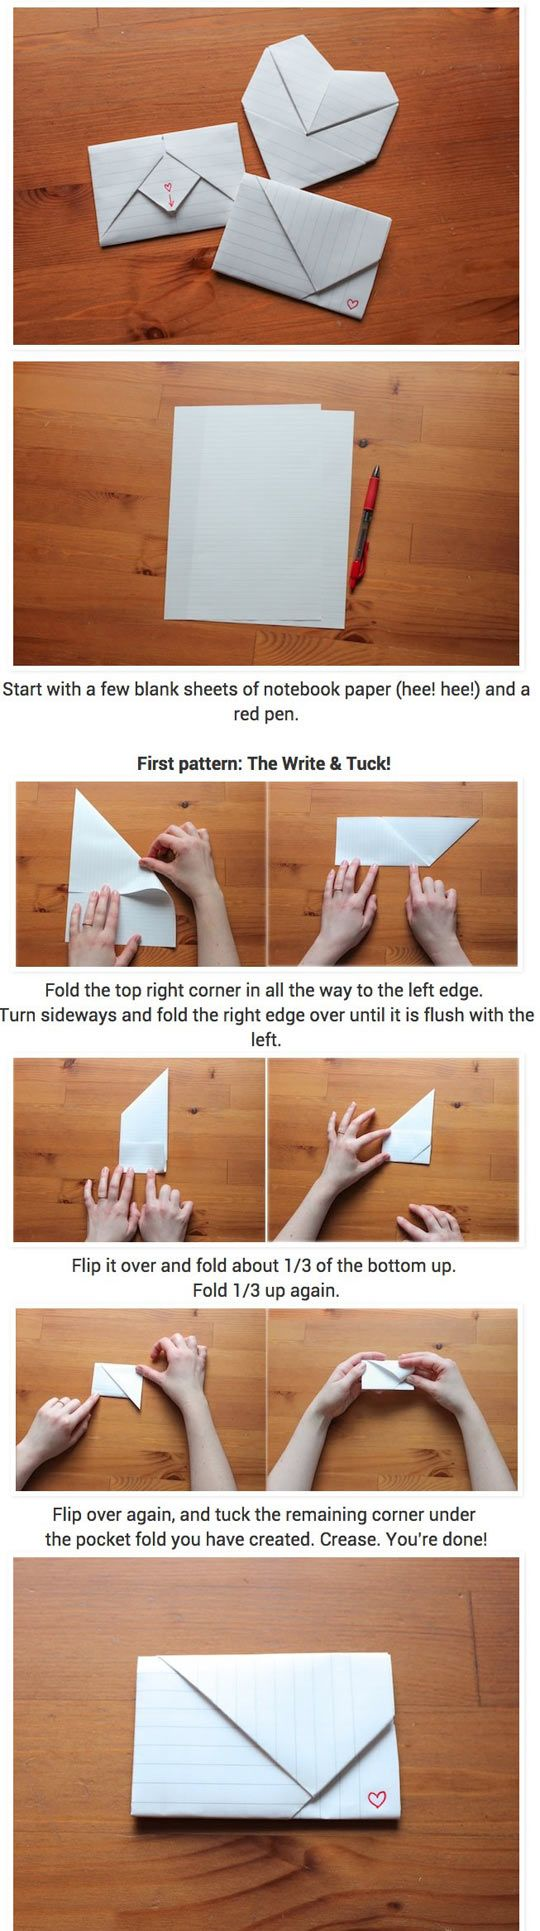 Awesome Folding Skills